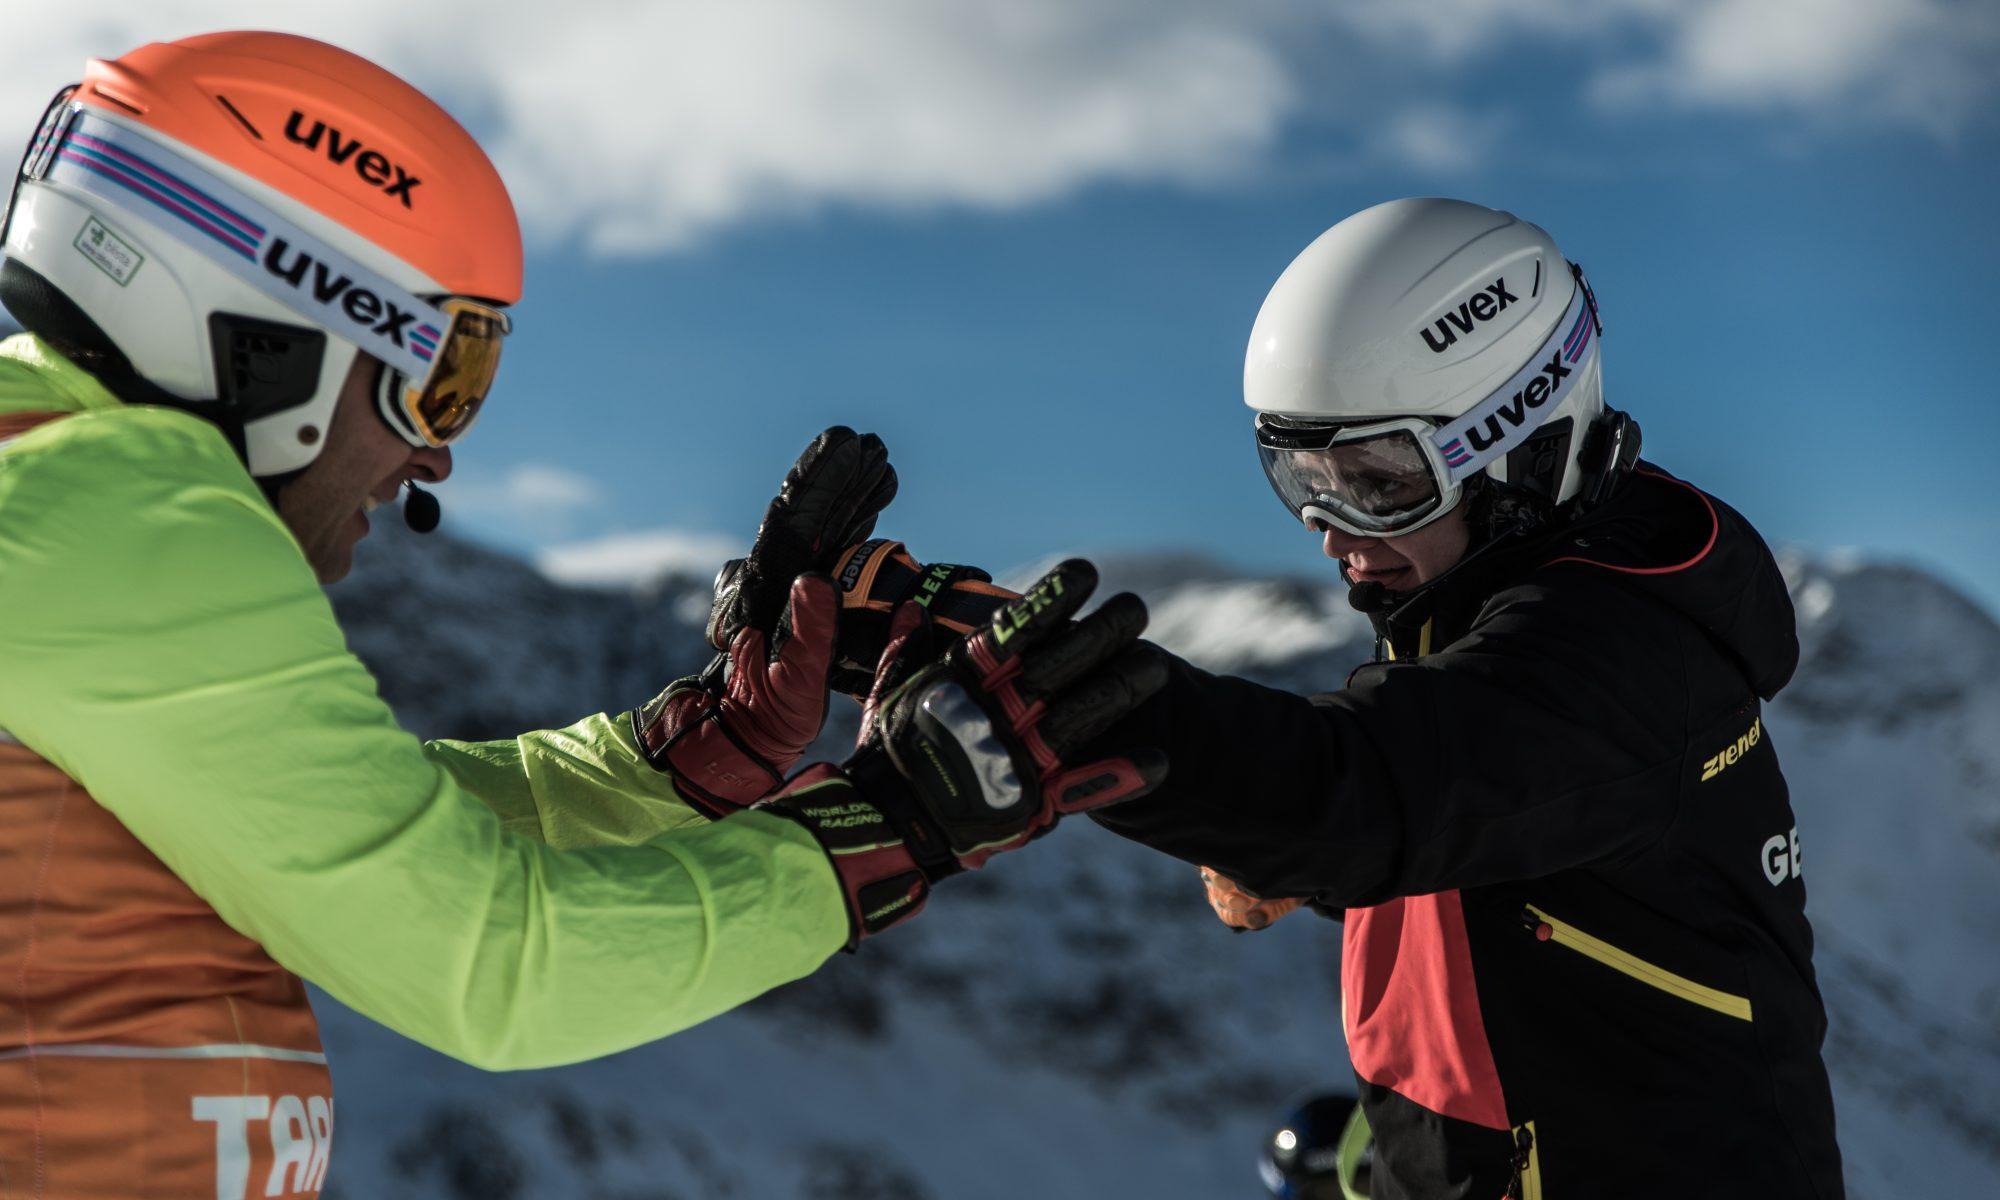 Noemi simuliert mit Ihren Skihandschuhen einen Boxkampf